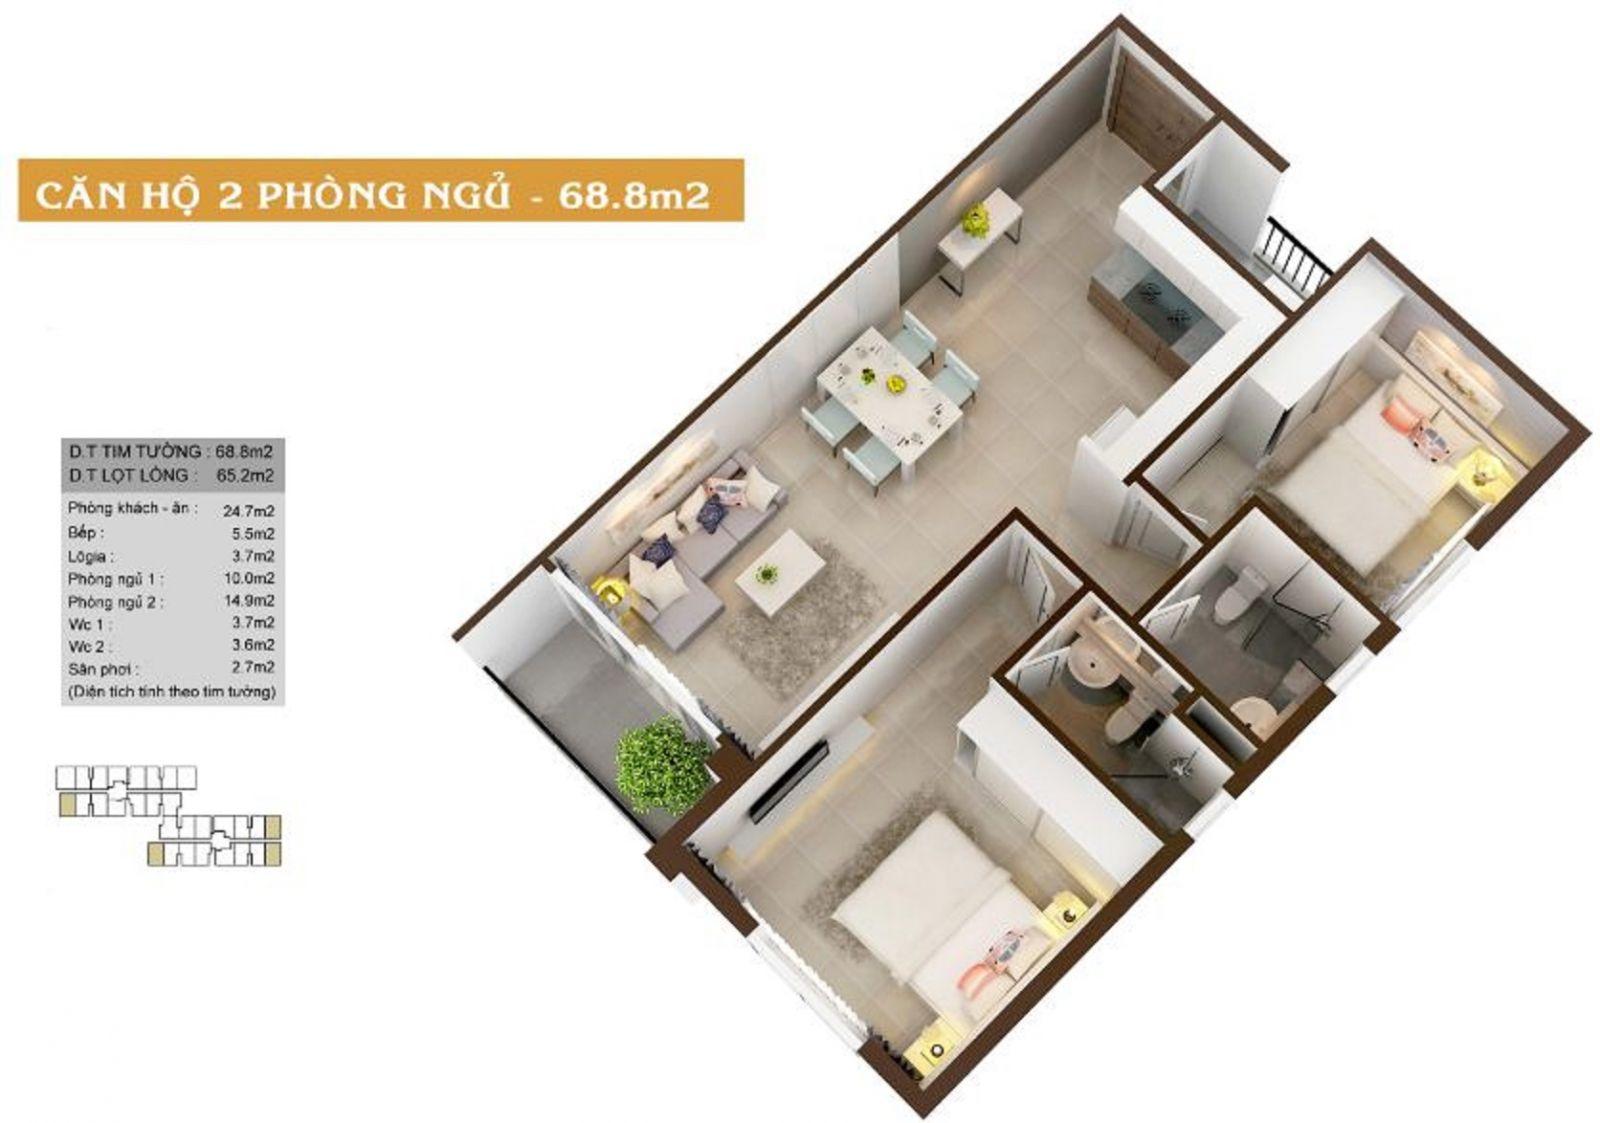 Thiết kế căn hộ 2PN diện tích 68.8m2